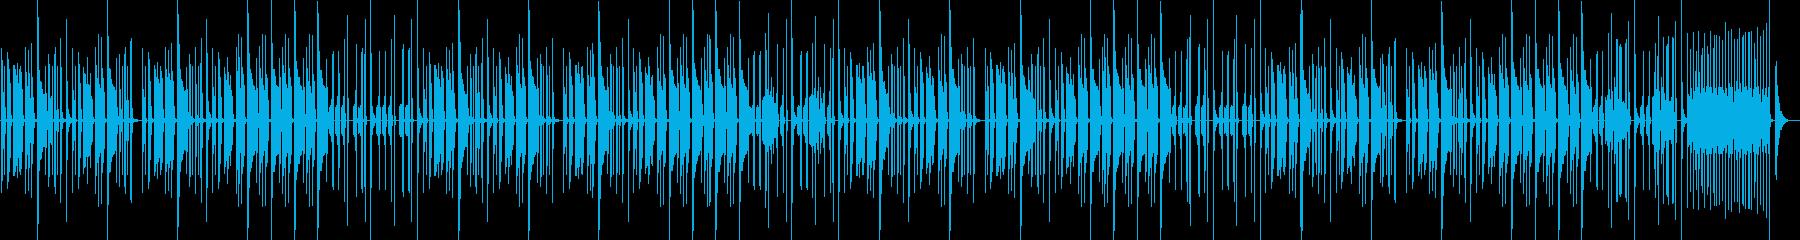 ほのぼの ほんわかなBGMの再生済みの波形